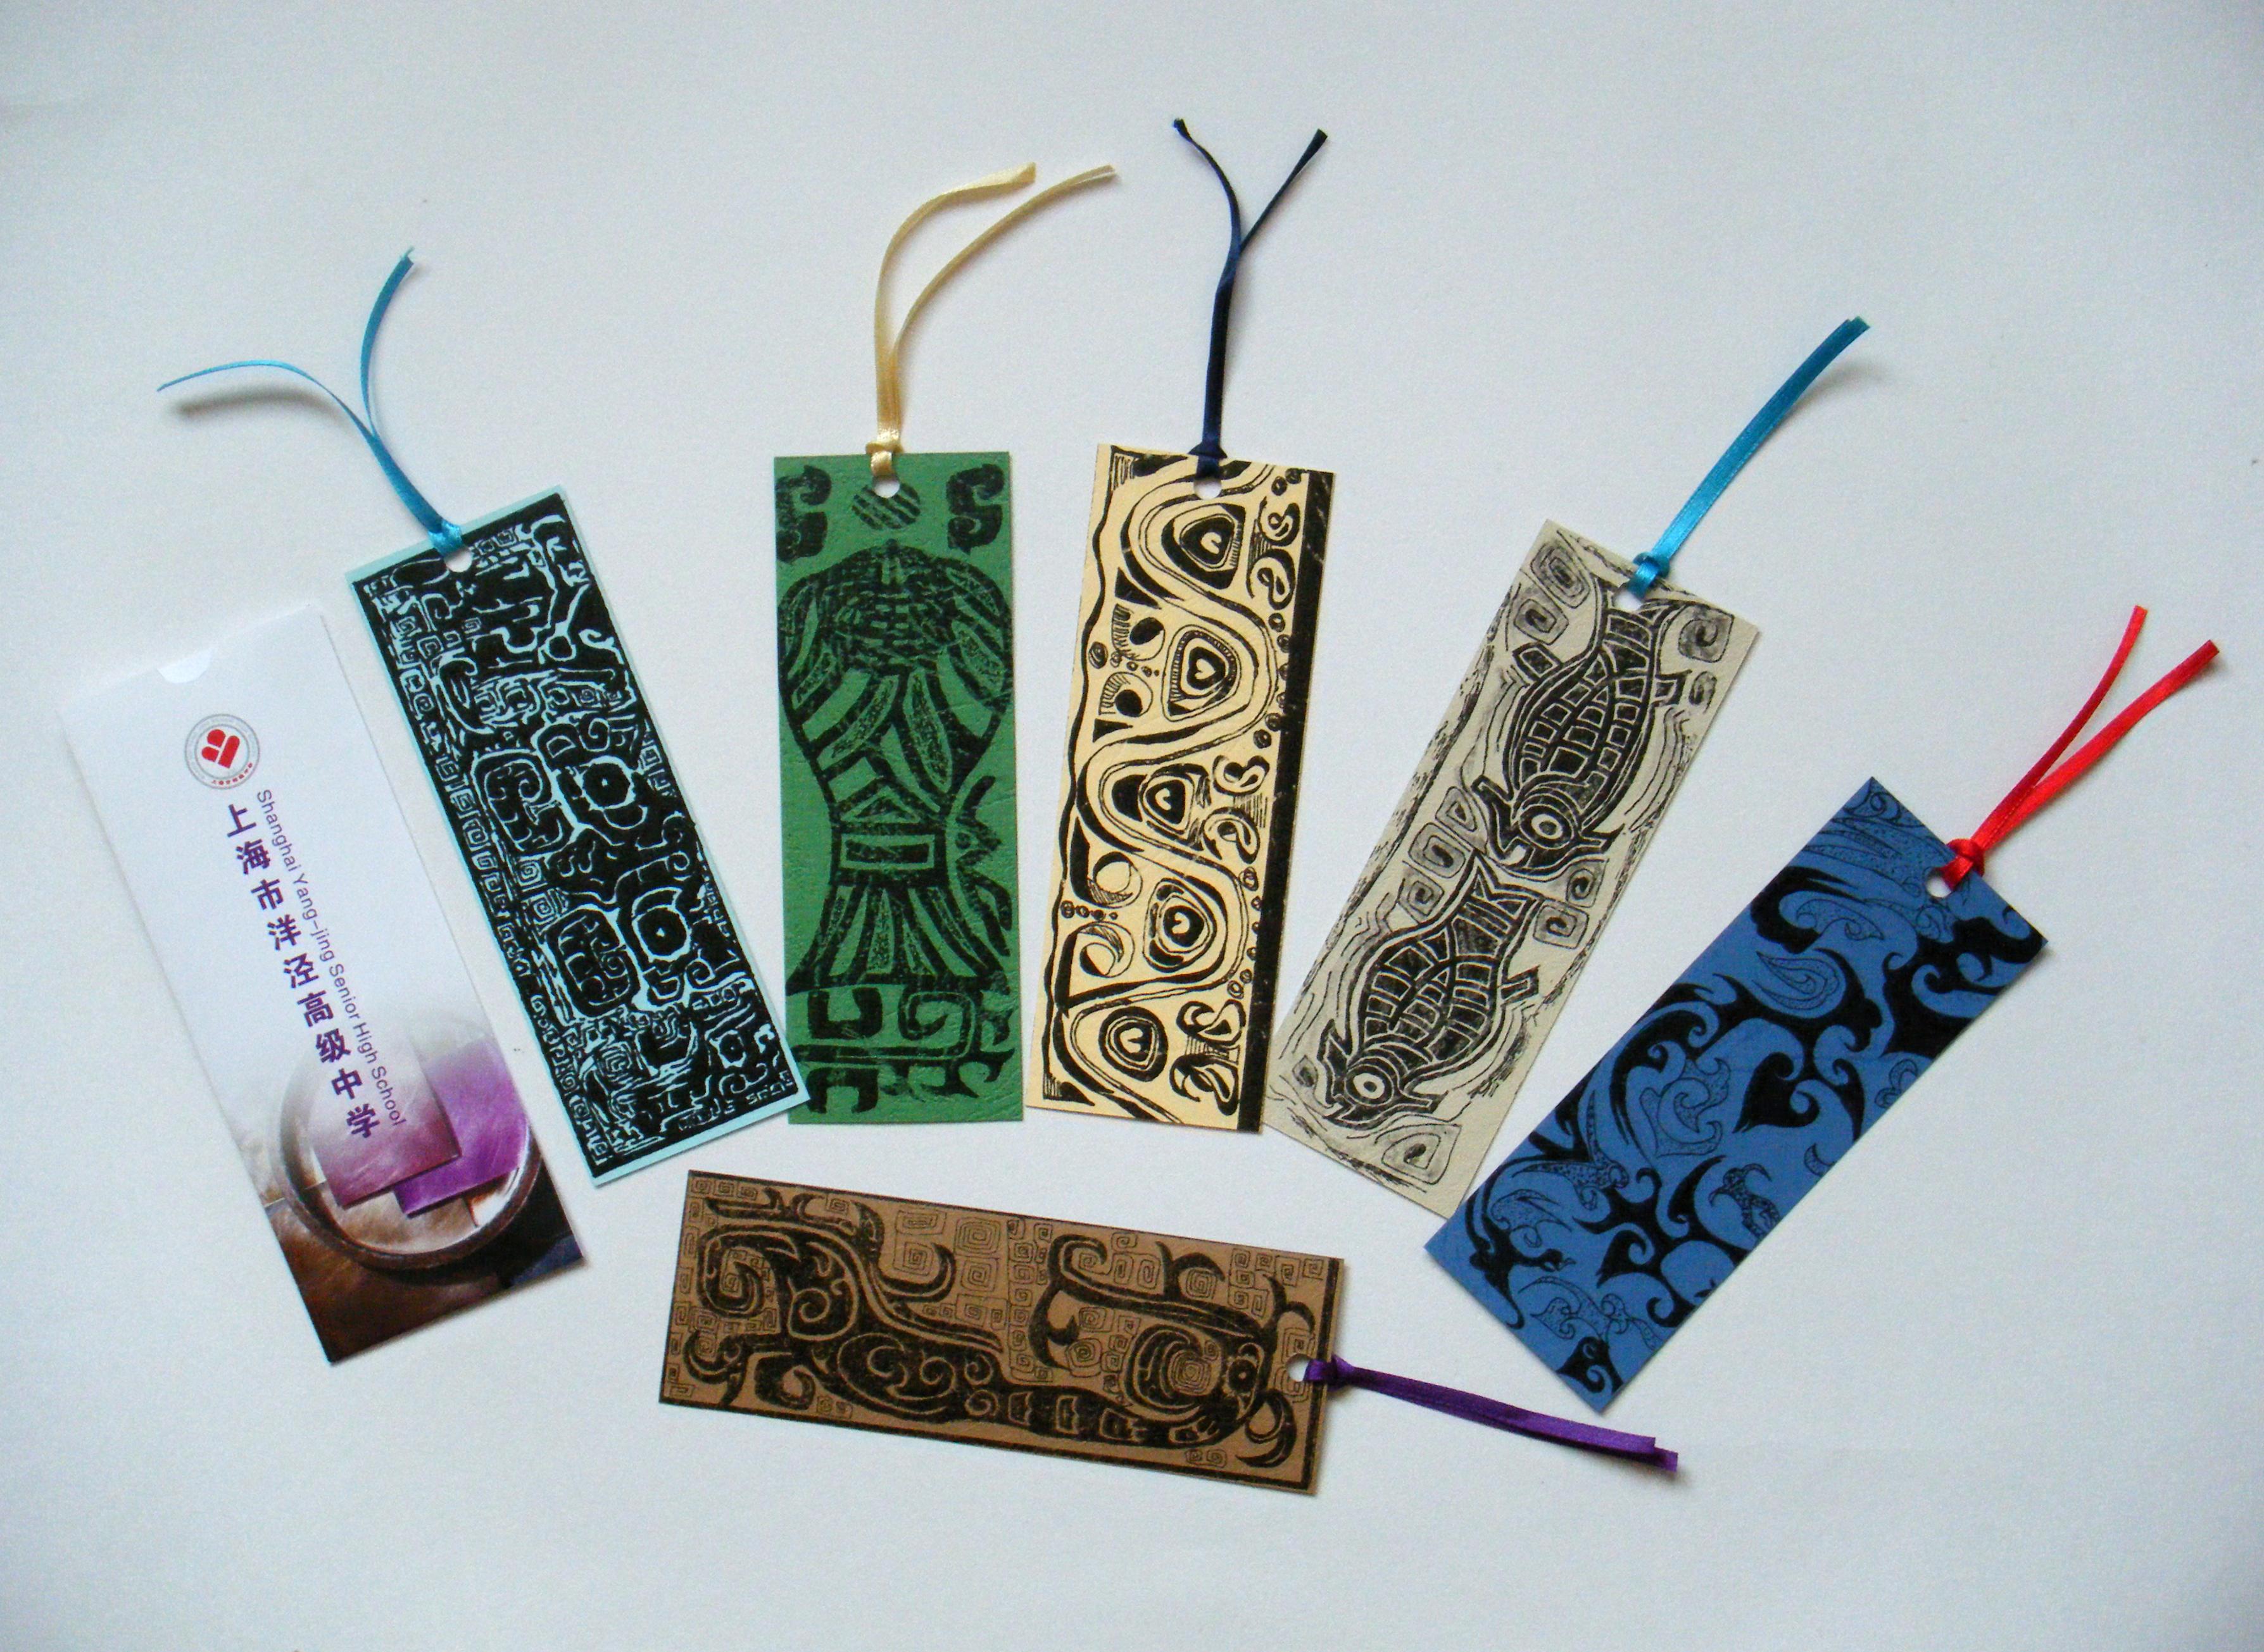 赠送礼物-学生绘制的书签(青铜器纹样).jpg